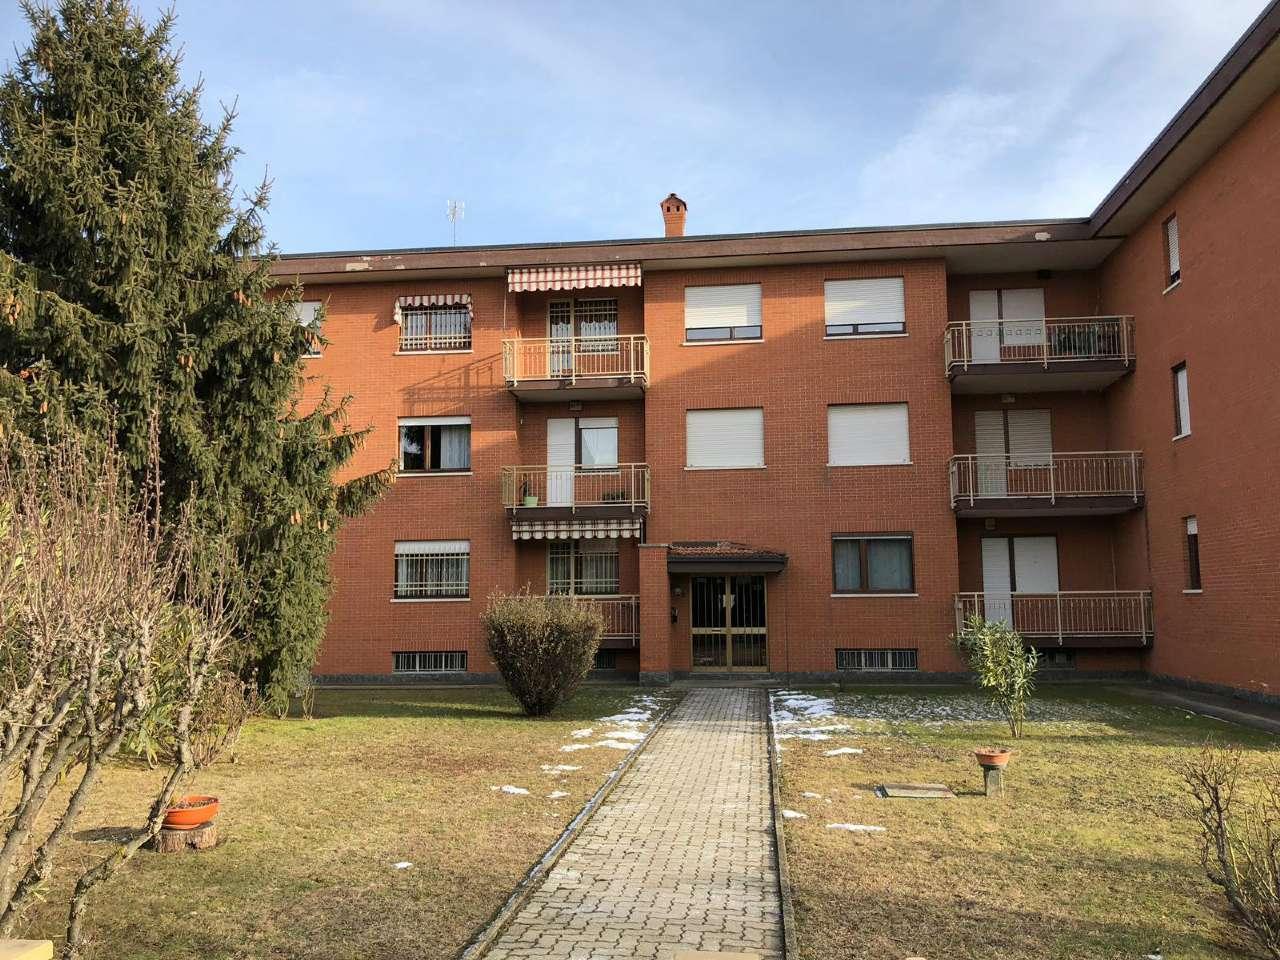 Appartamenti in affitto a rivalta di torino for Appartamenti arredati in affitto torino